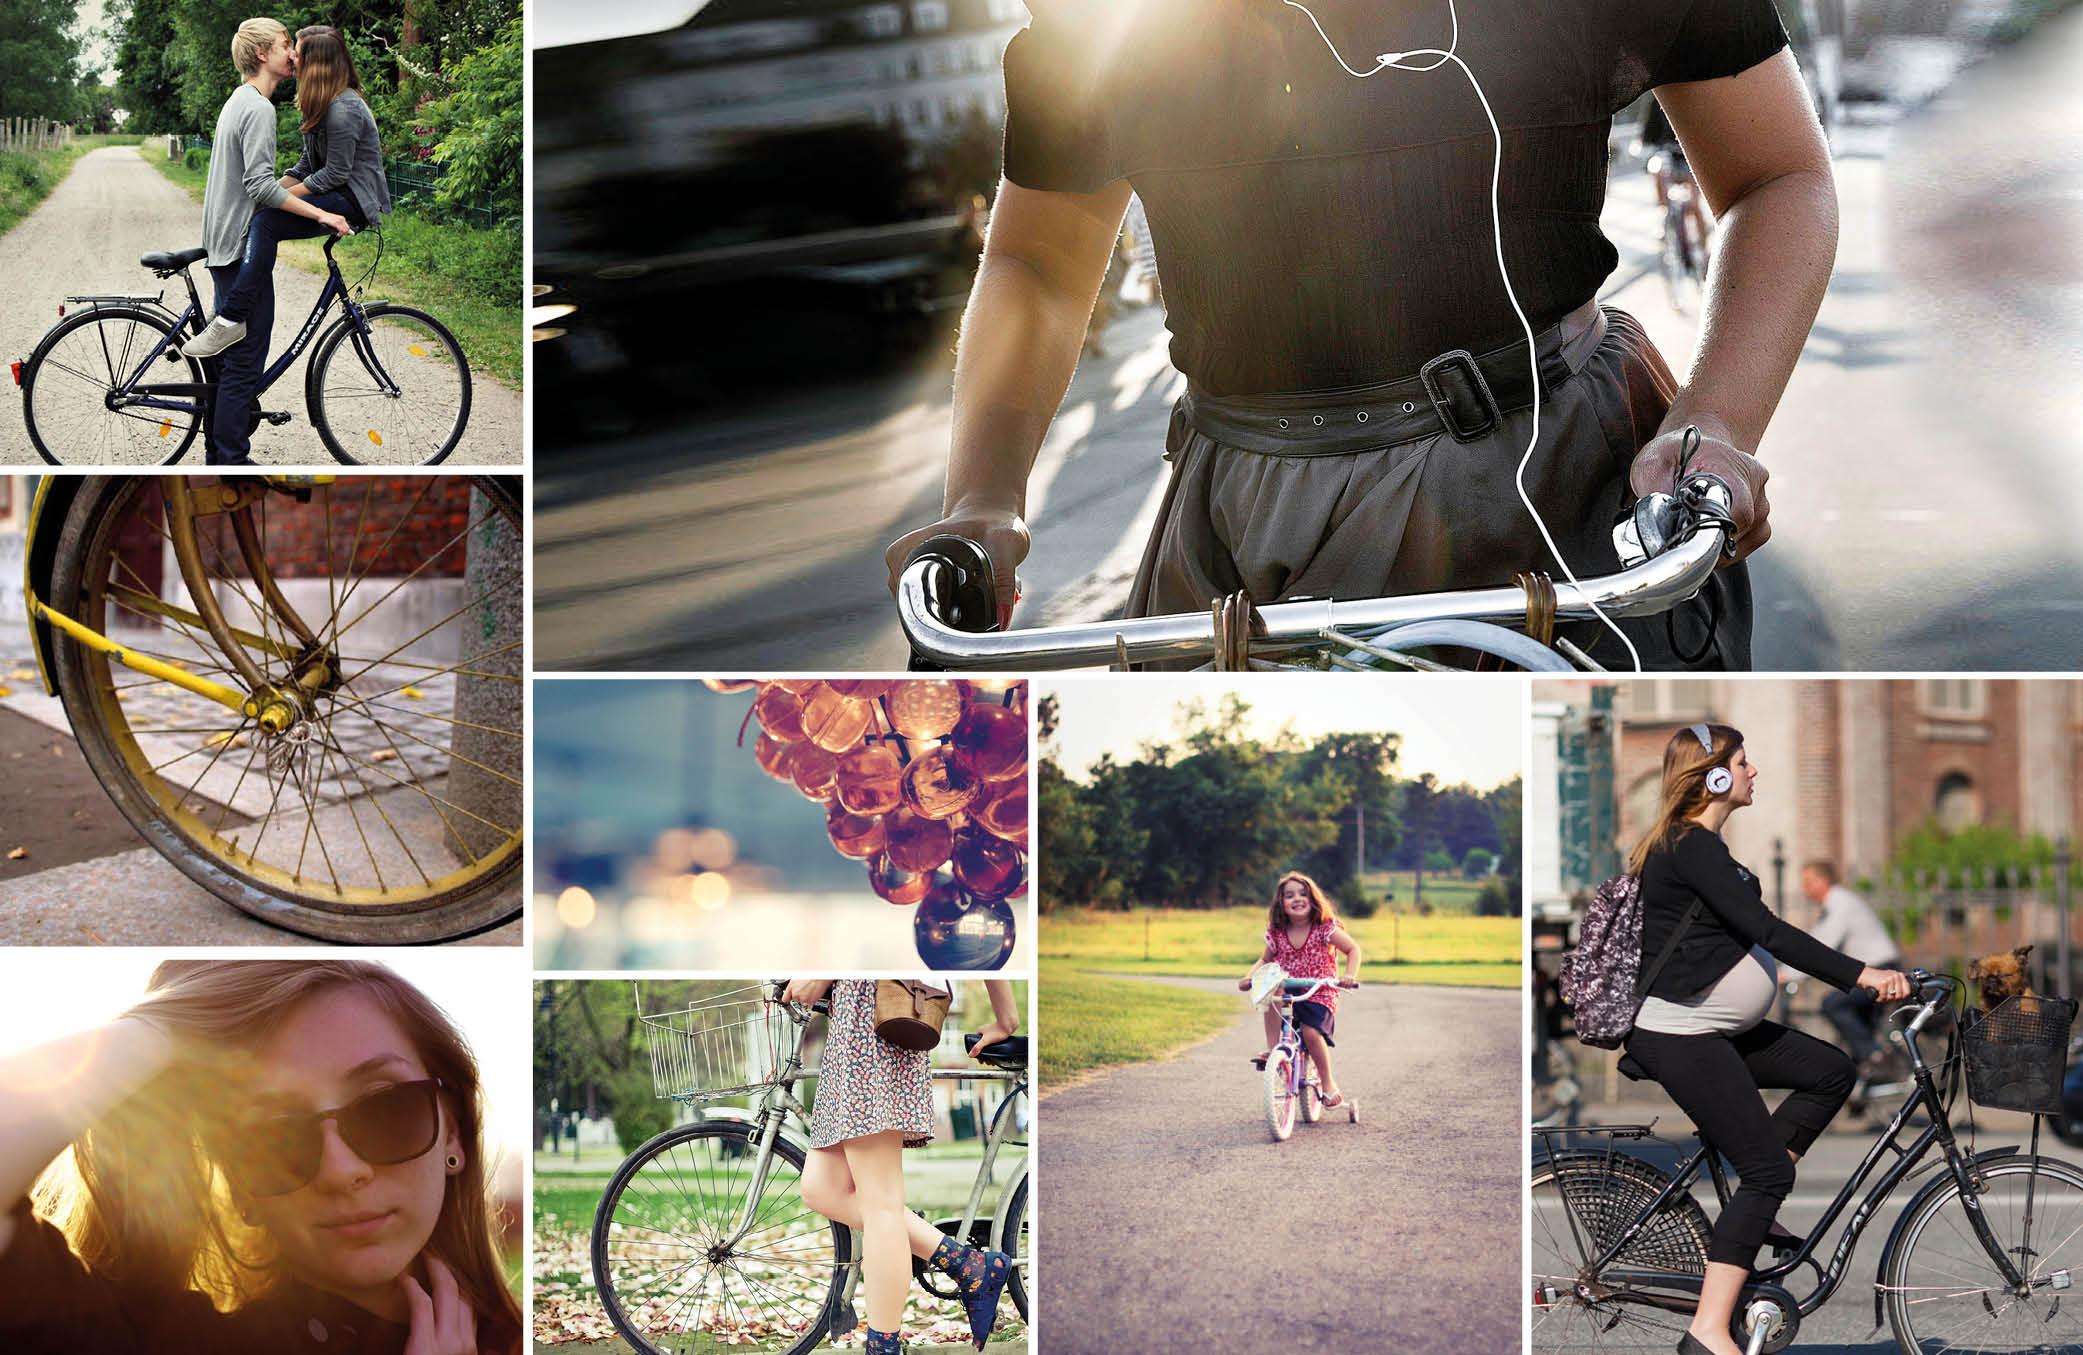 kb cykler4.jpg